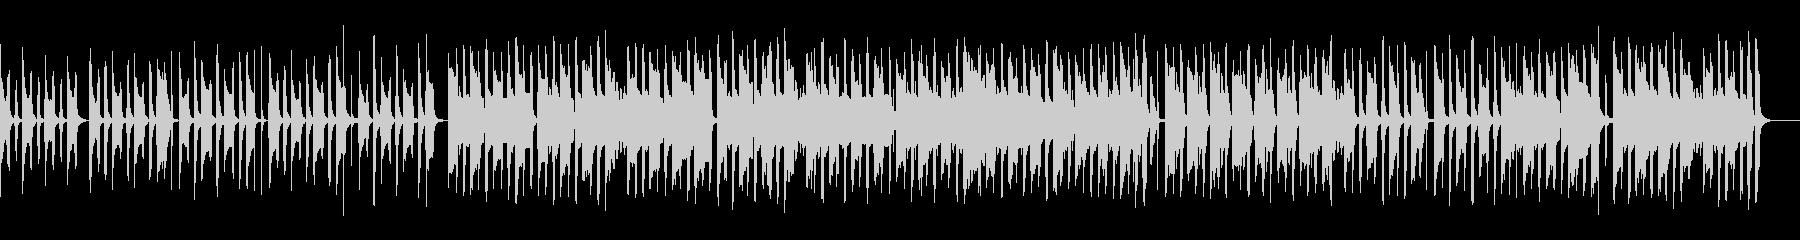 ほのぼの日常BGM トイピアノ 三拍子の未再生の波形